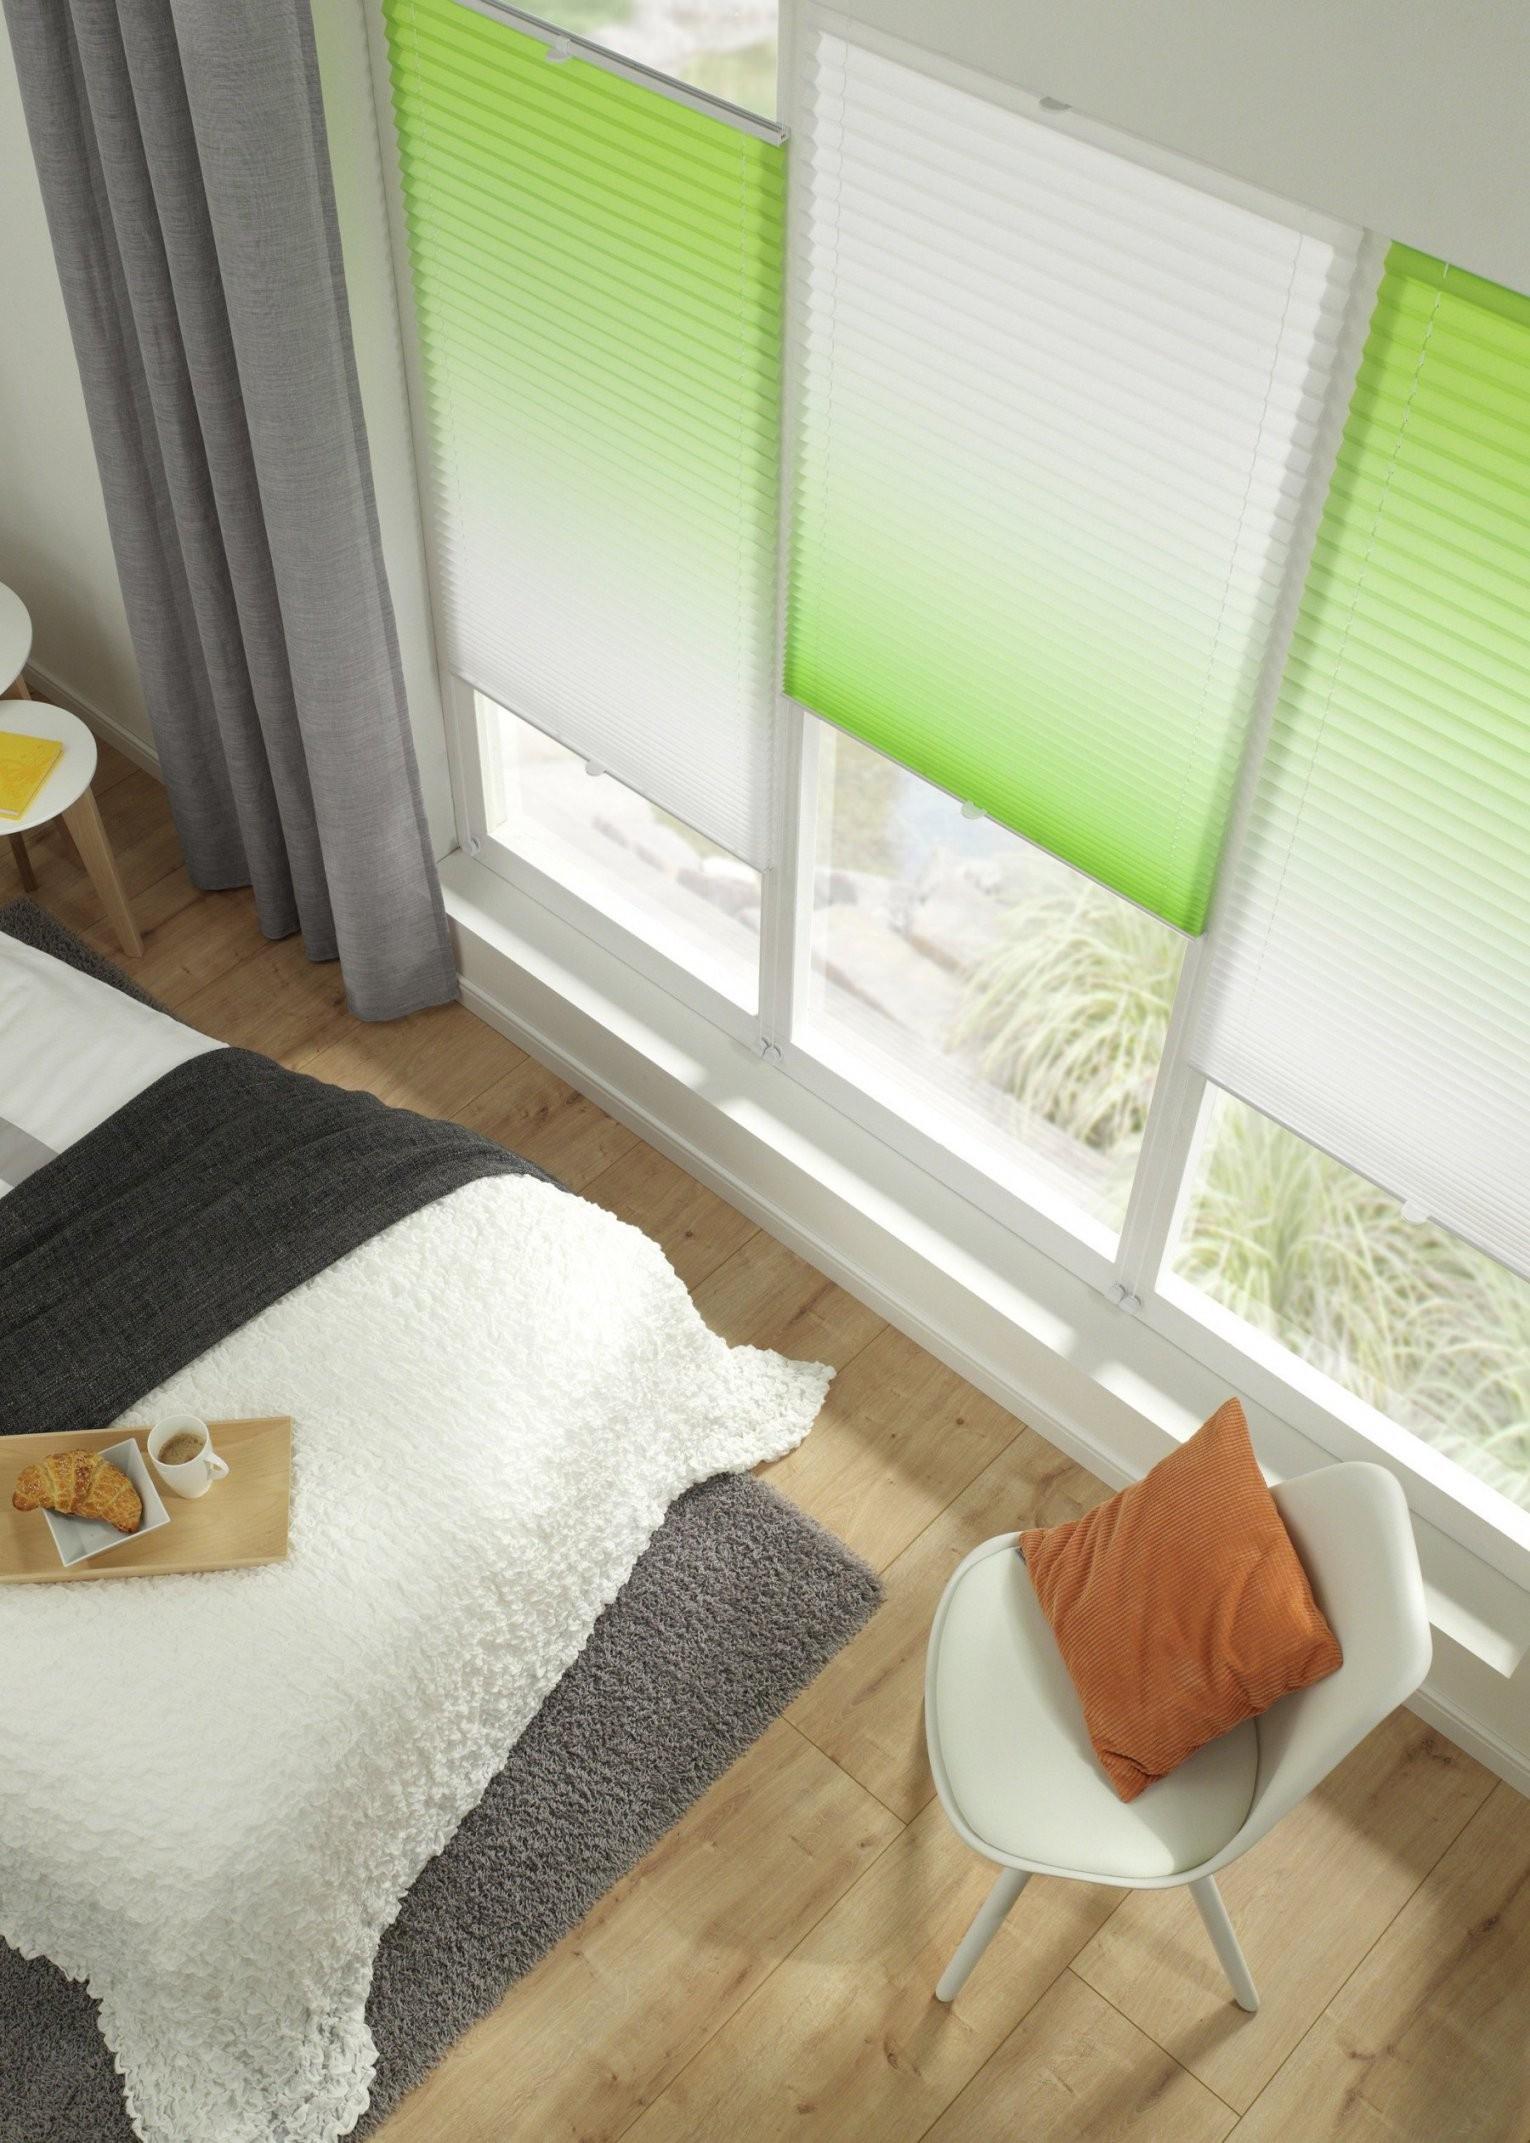 Rollos Für Fenster Innen & Plissee Günstig ⋆ Lehner Versand von Fenster Rollos Aus Stoff Bild